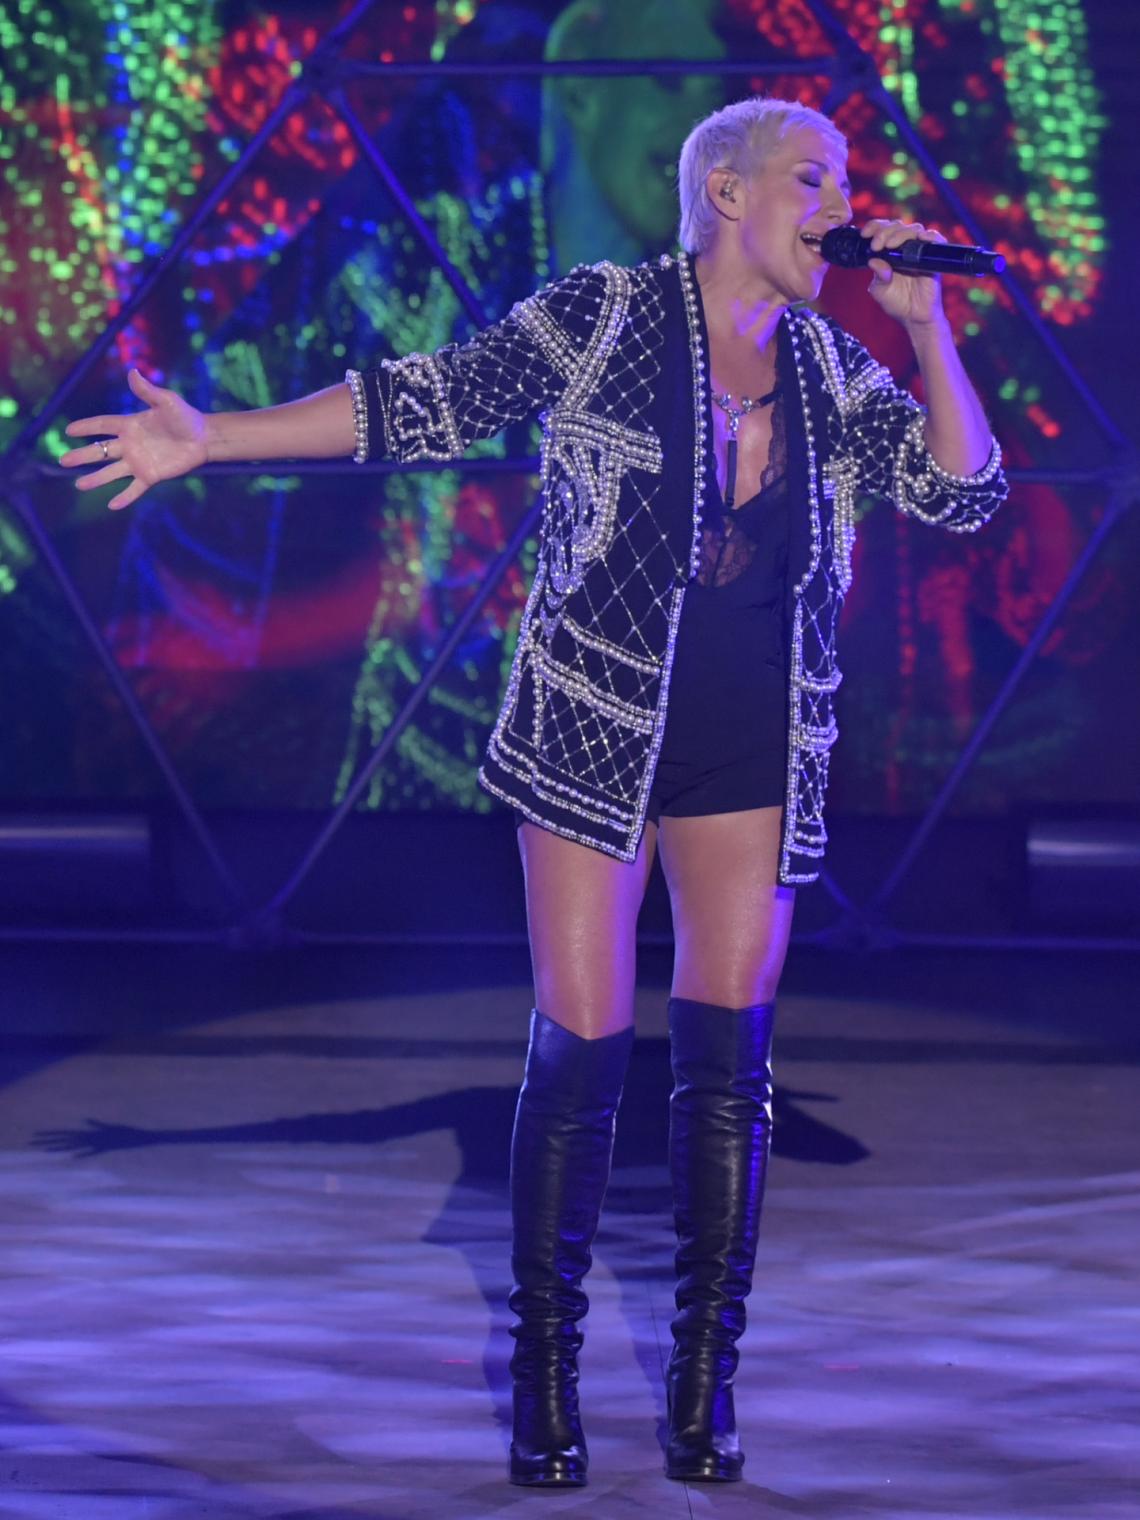 Ana Torroja encandiló al público de Starlite con la banda sonora de nuestras vidas